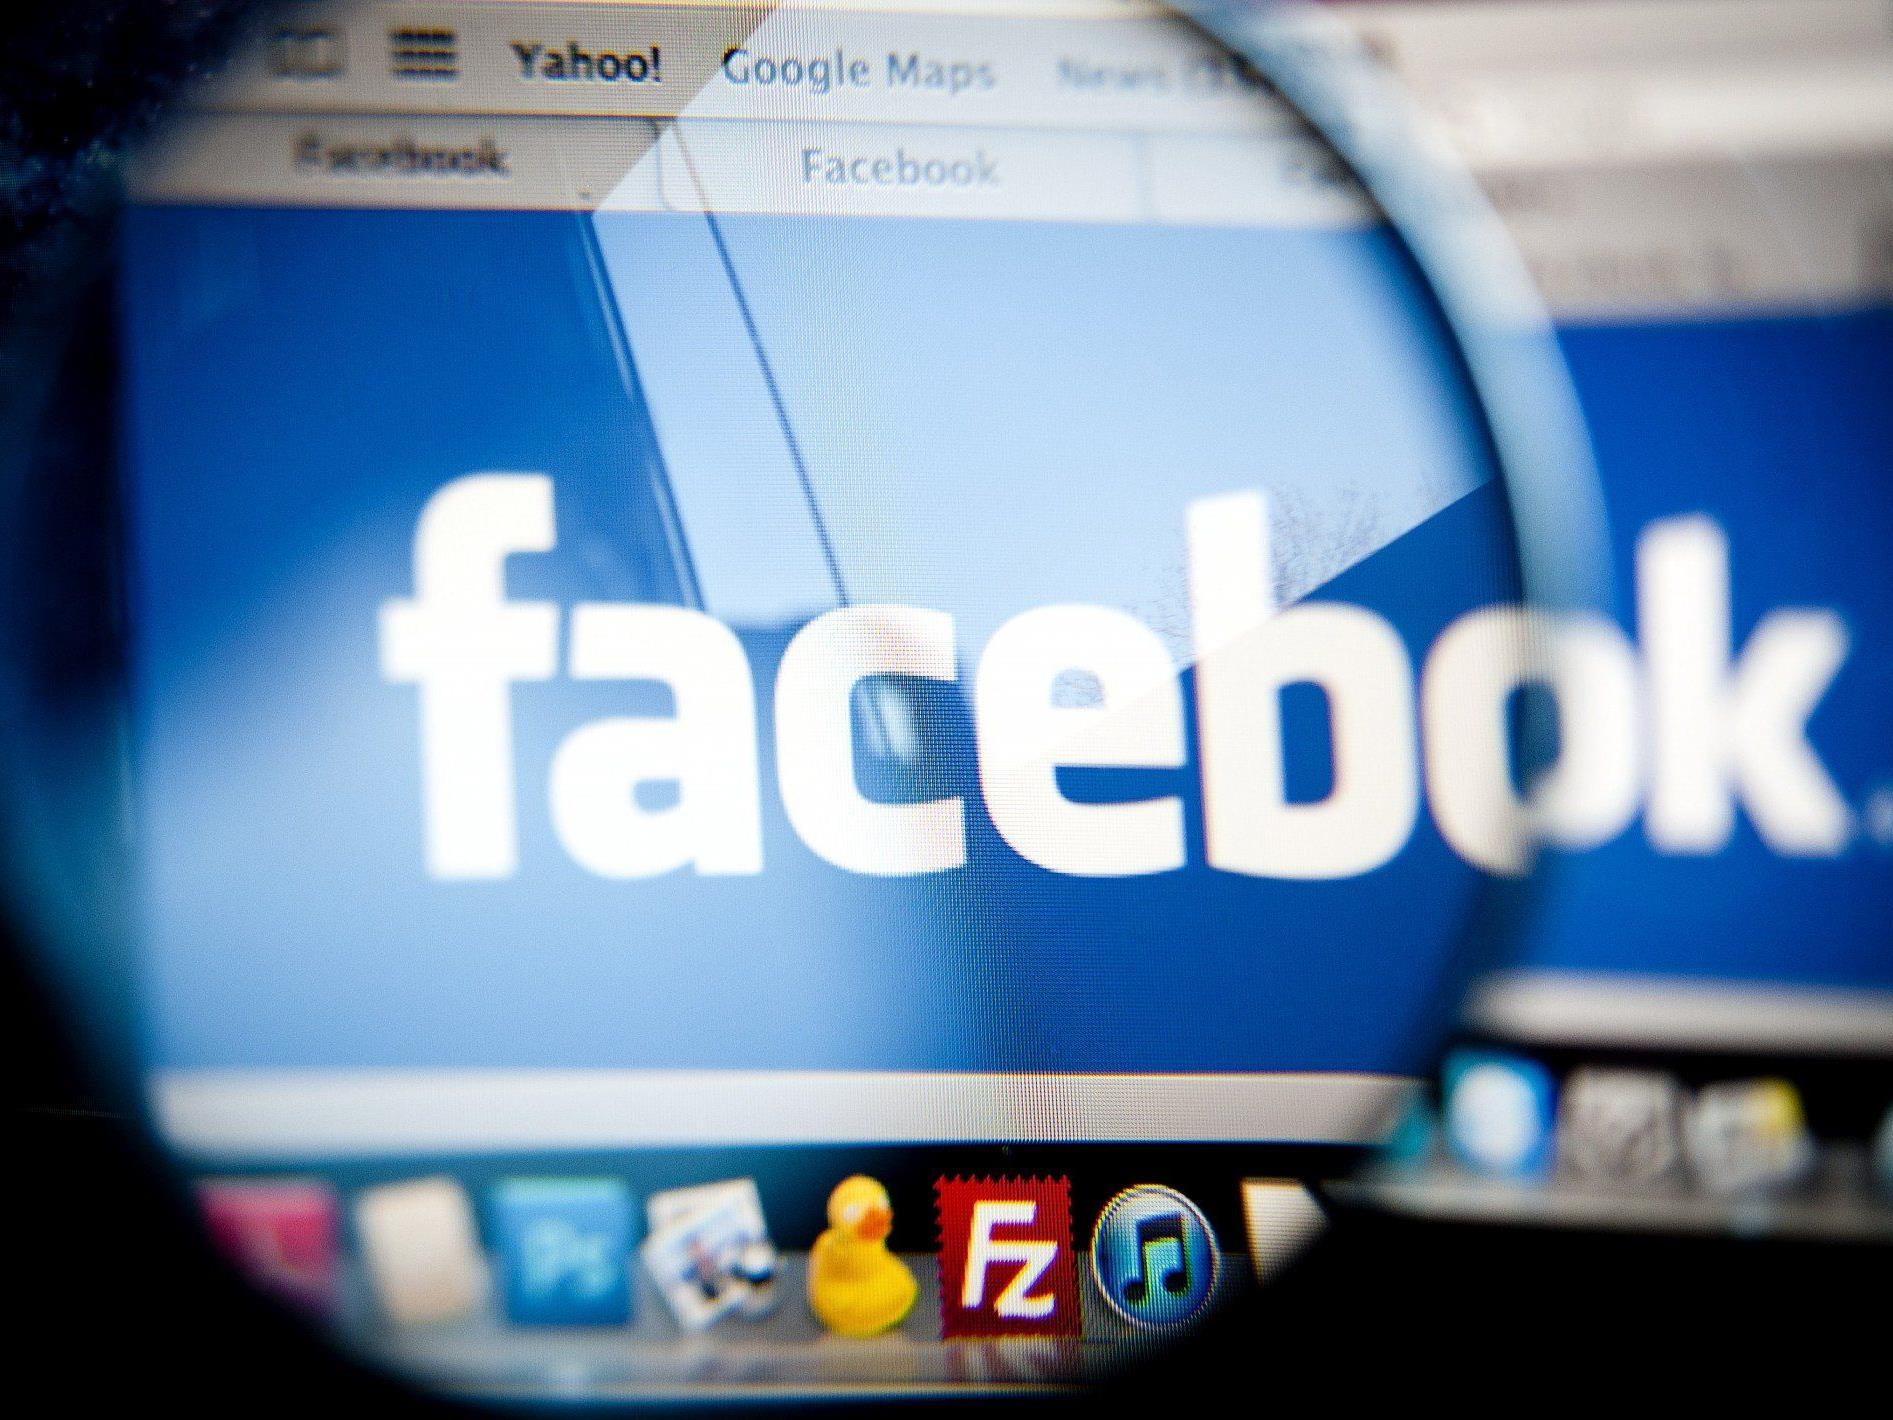 """Was sich hinter dem Begriff """"Forschung"""" verbirgt und wie weit Facebook dabei gehen könnte, war bis zur jüngsten Veröffentlichung der Studie unklar."""